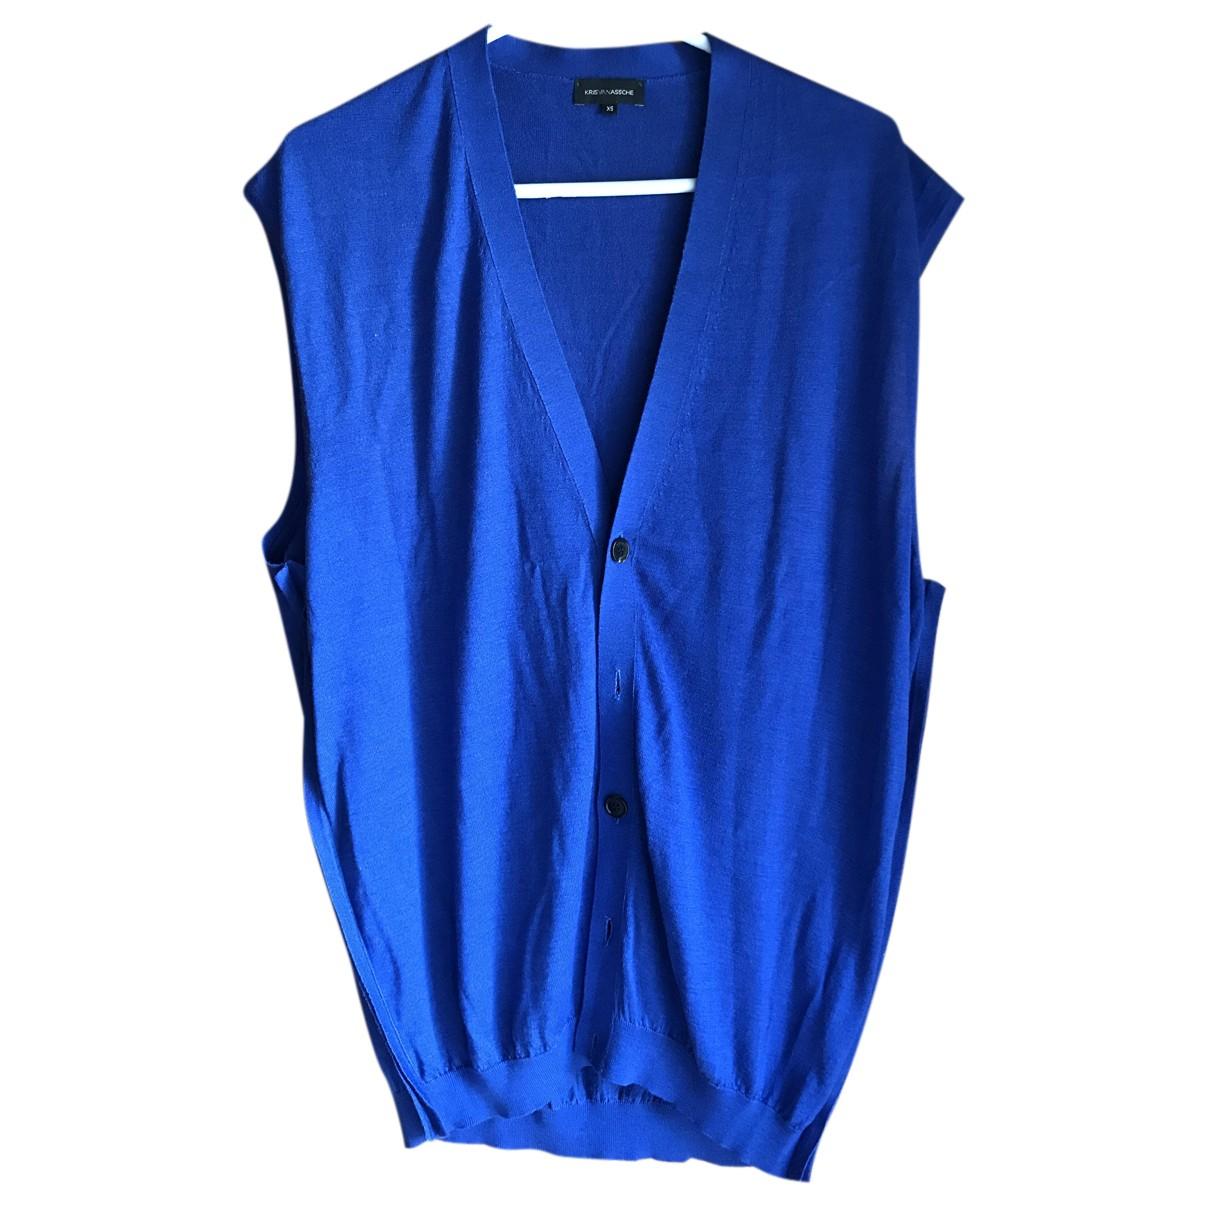 Kris Van Assche - Pulls.Gilets.Sweats   pour homme en laine - bleu